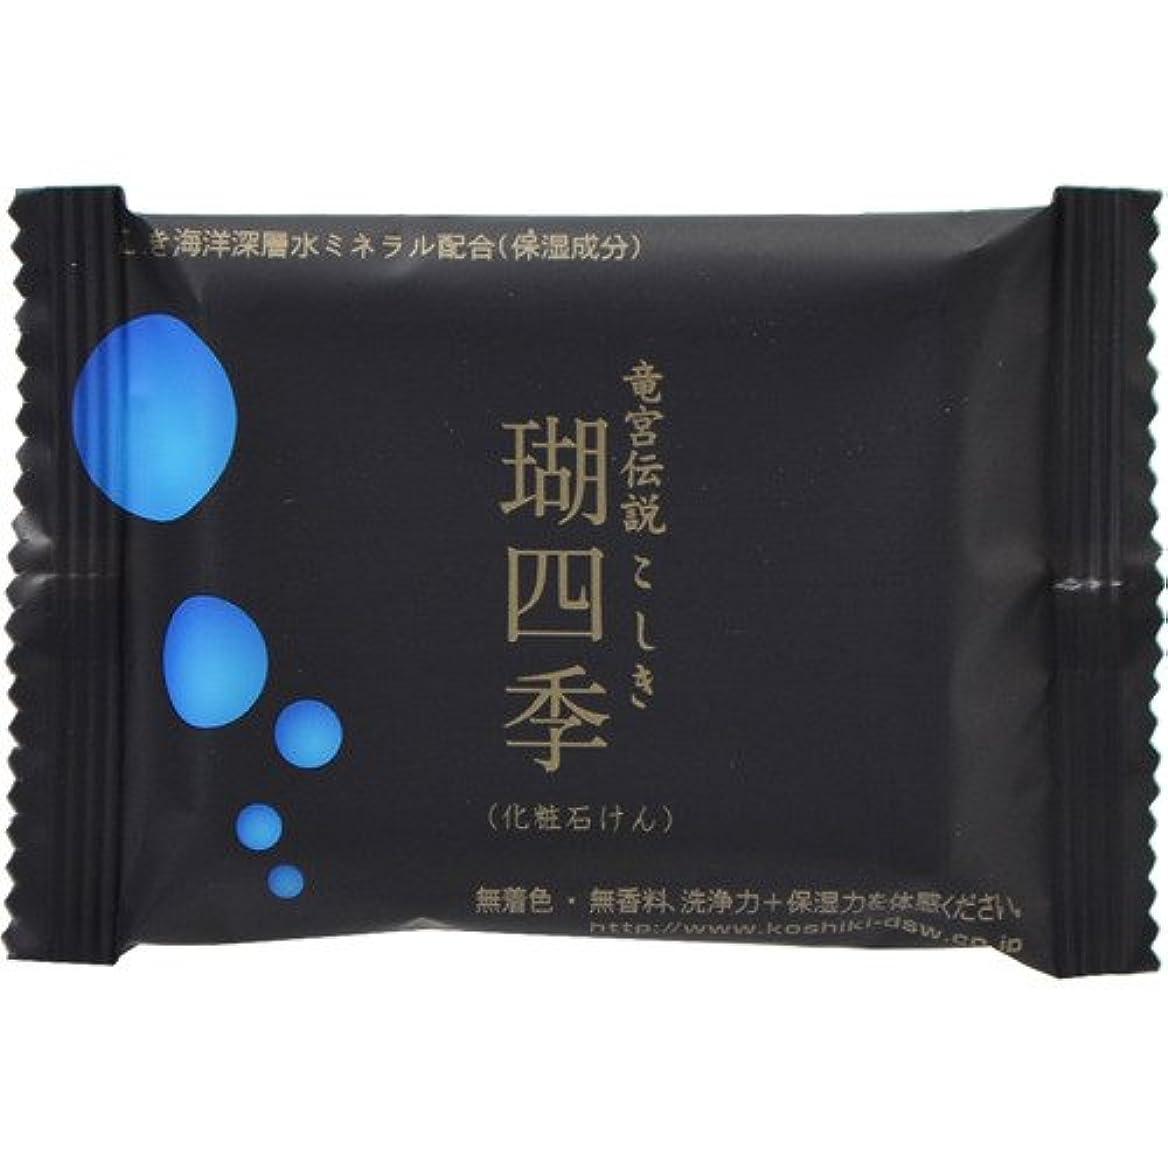 いいね魅力医学瑚四季 化粧石鹸 30g